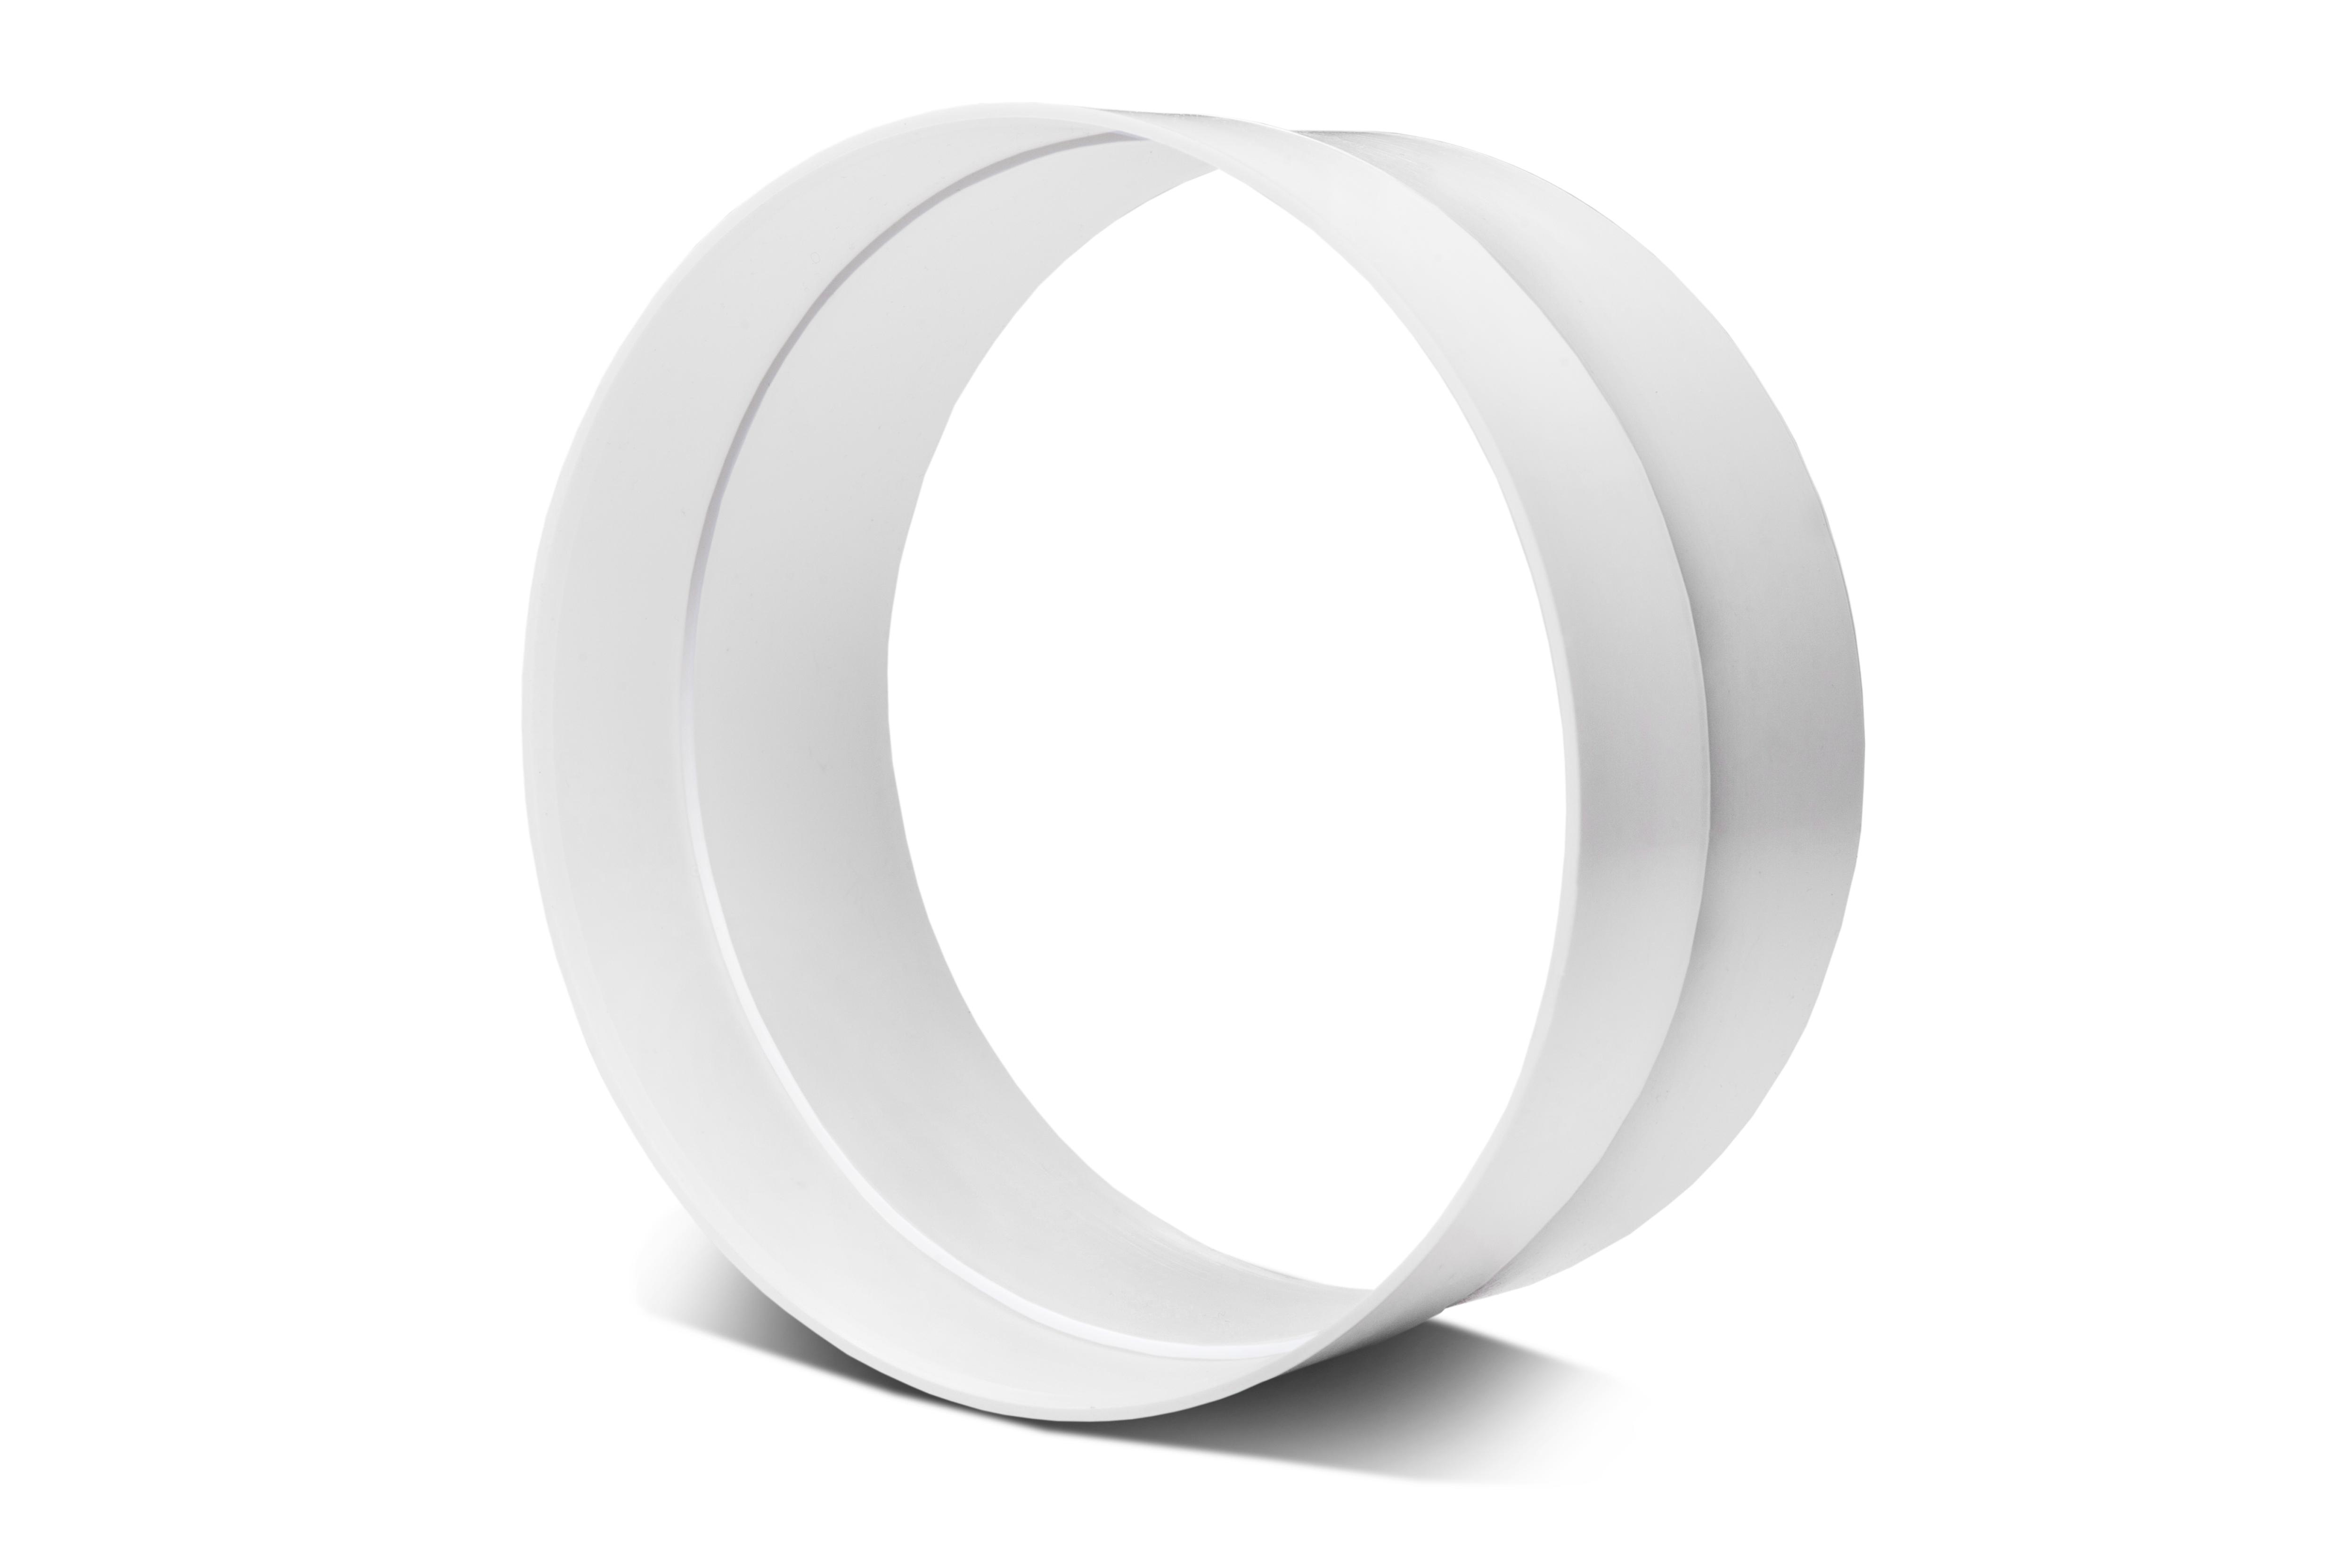 Наборное кольцо для рекуператоров Ventoxx